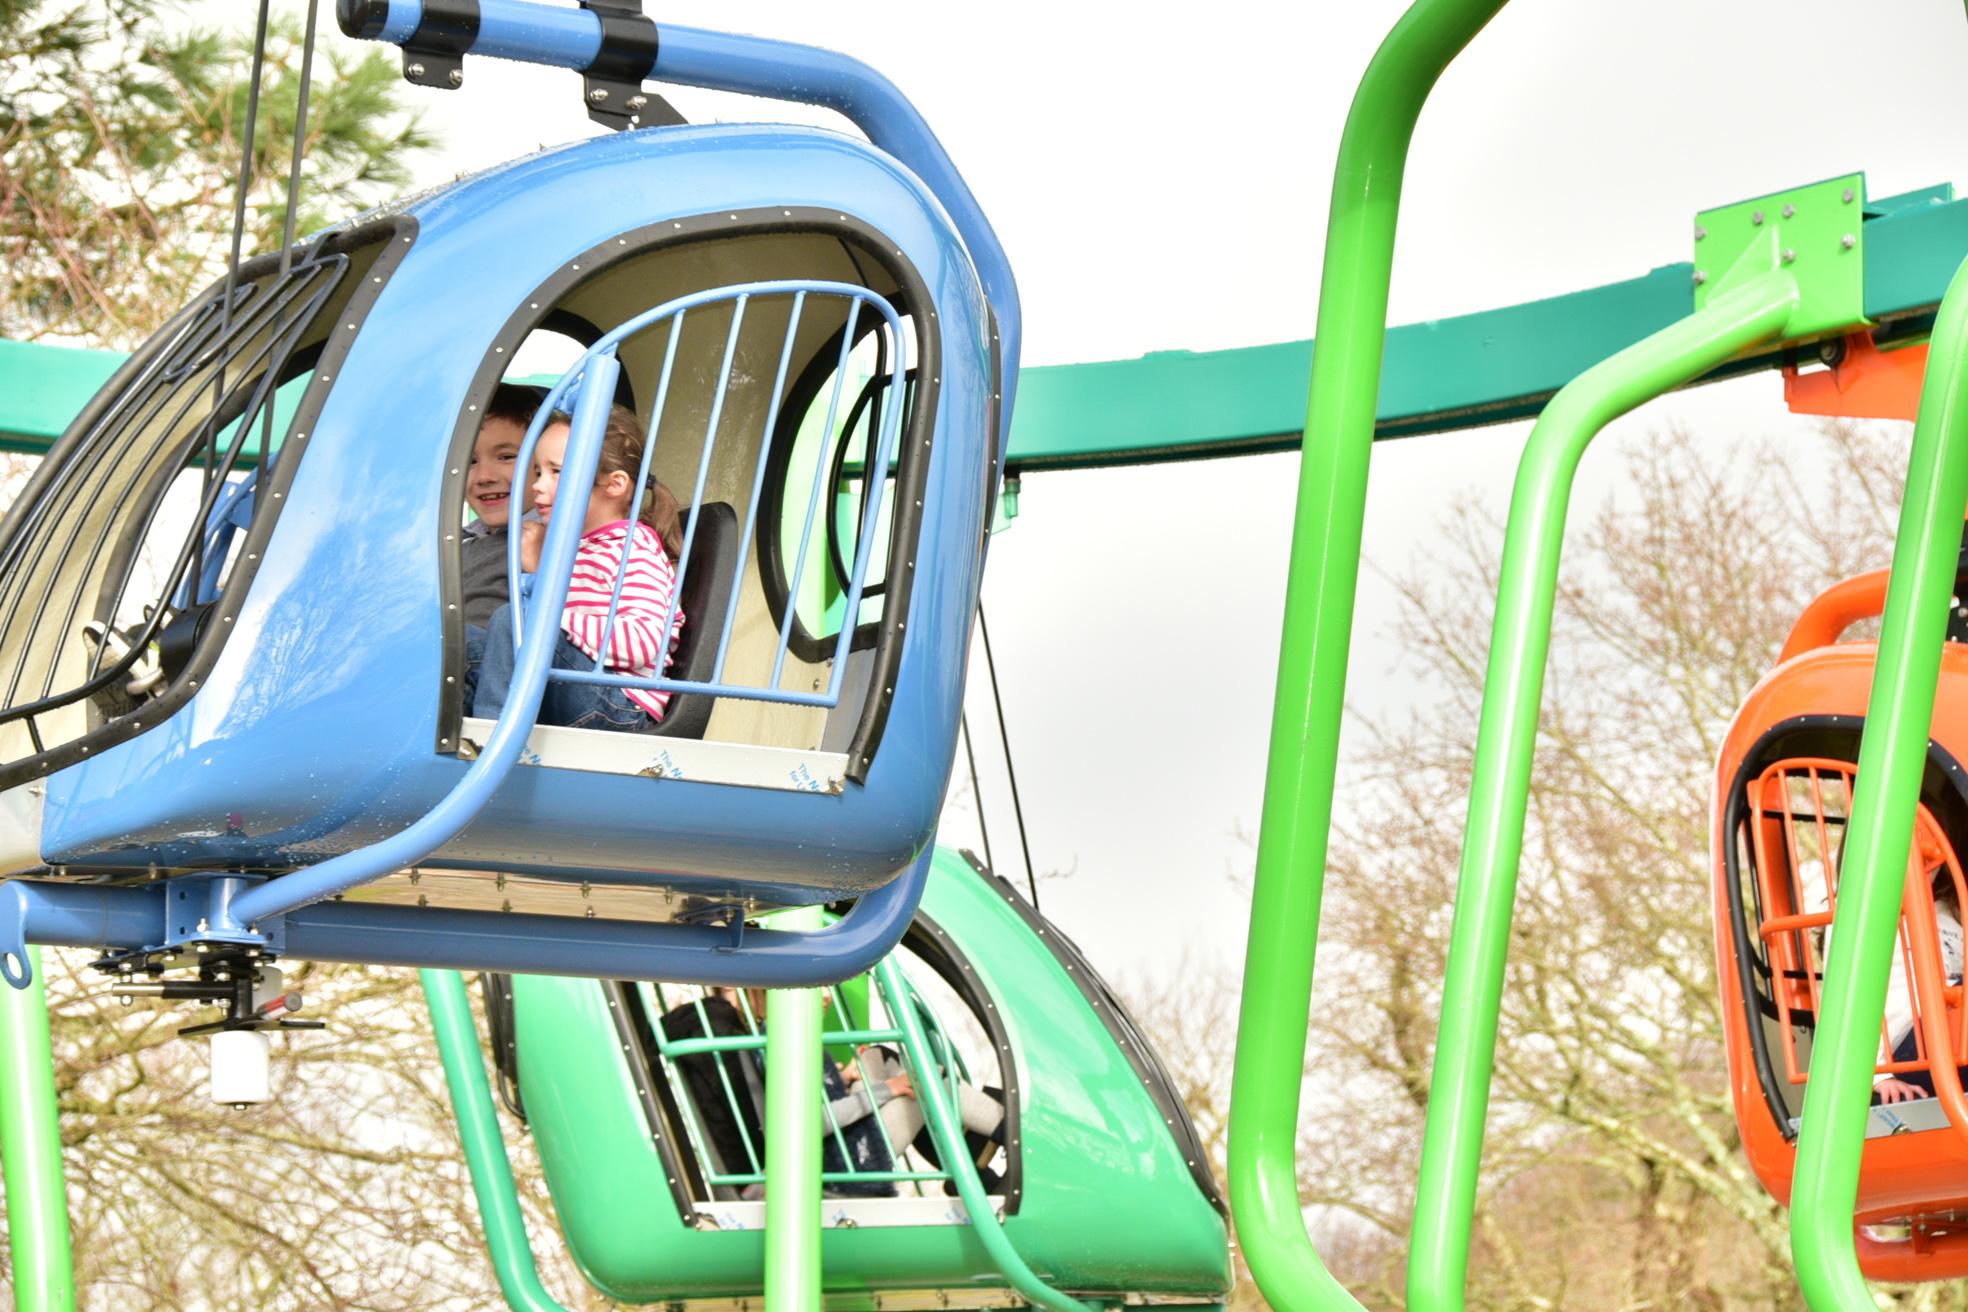 Parc Jeux Plein Air Enfants Vannes Morbihan